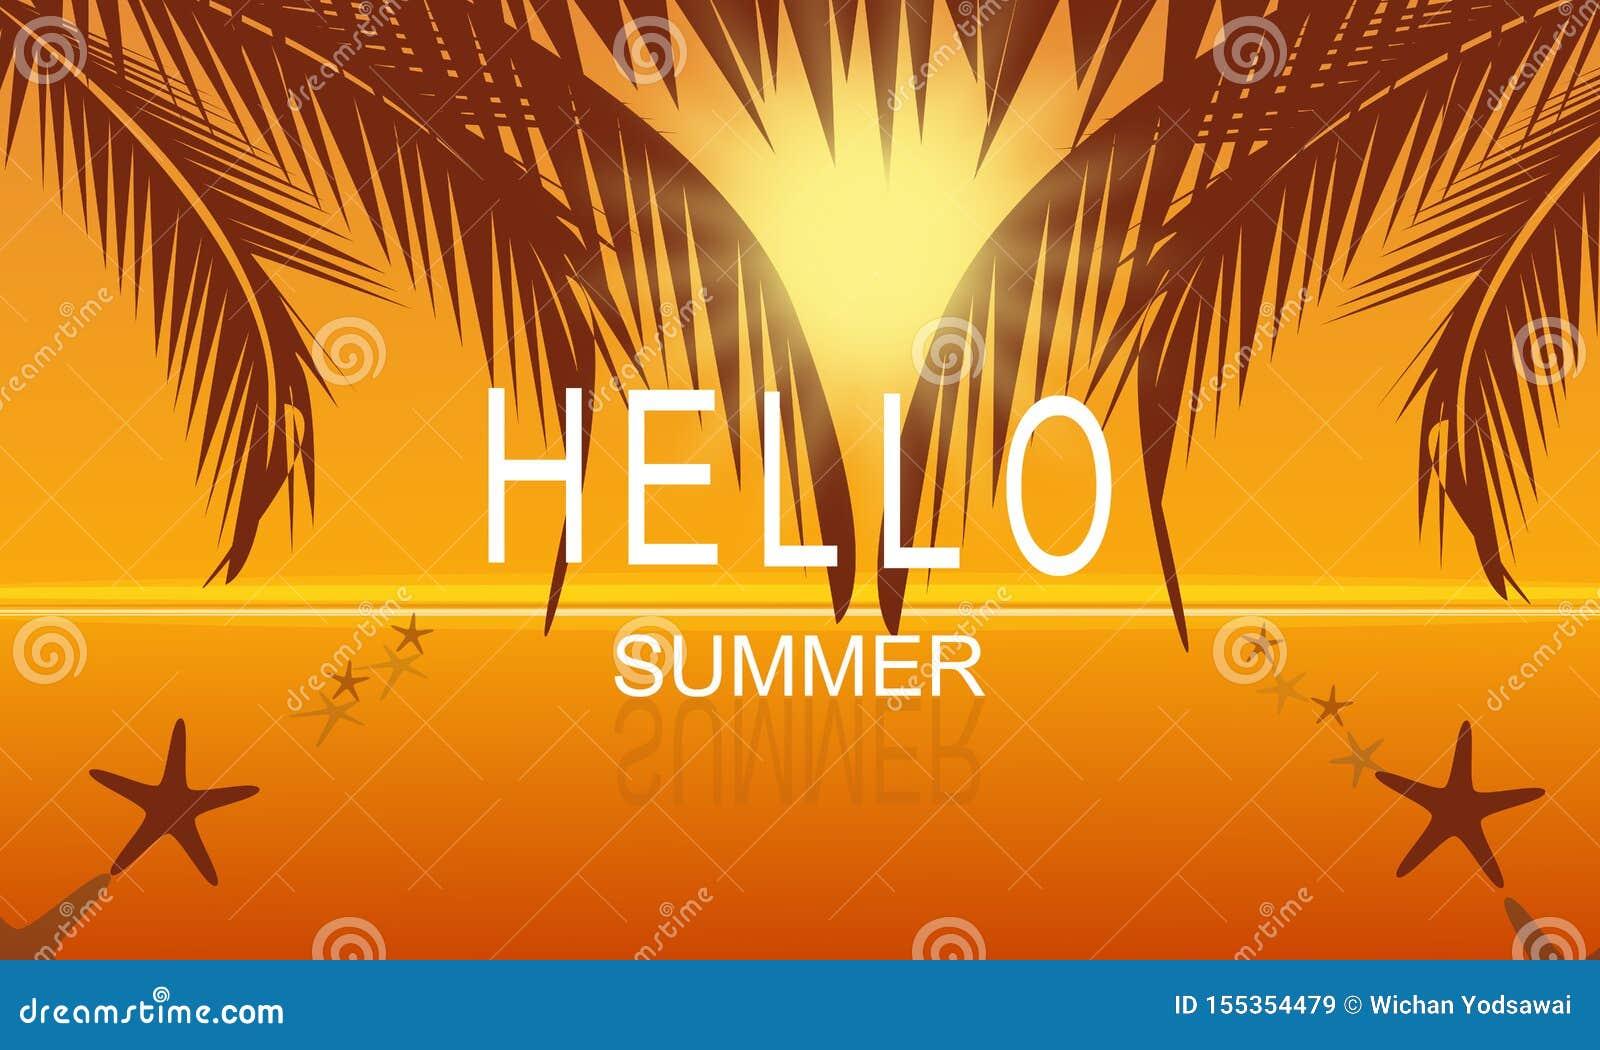 Διανυσματικό καλοκαίρι στο υπόβαθρο αφισών κομμάτων παραλιών θάλασσας στο ηλιοβασίλεμα με γειά σου το θερινό κείμενο